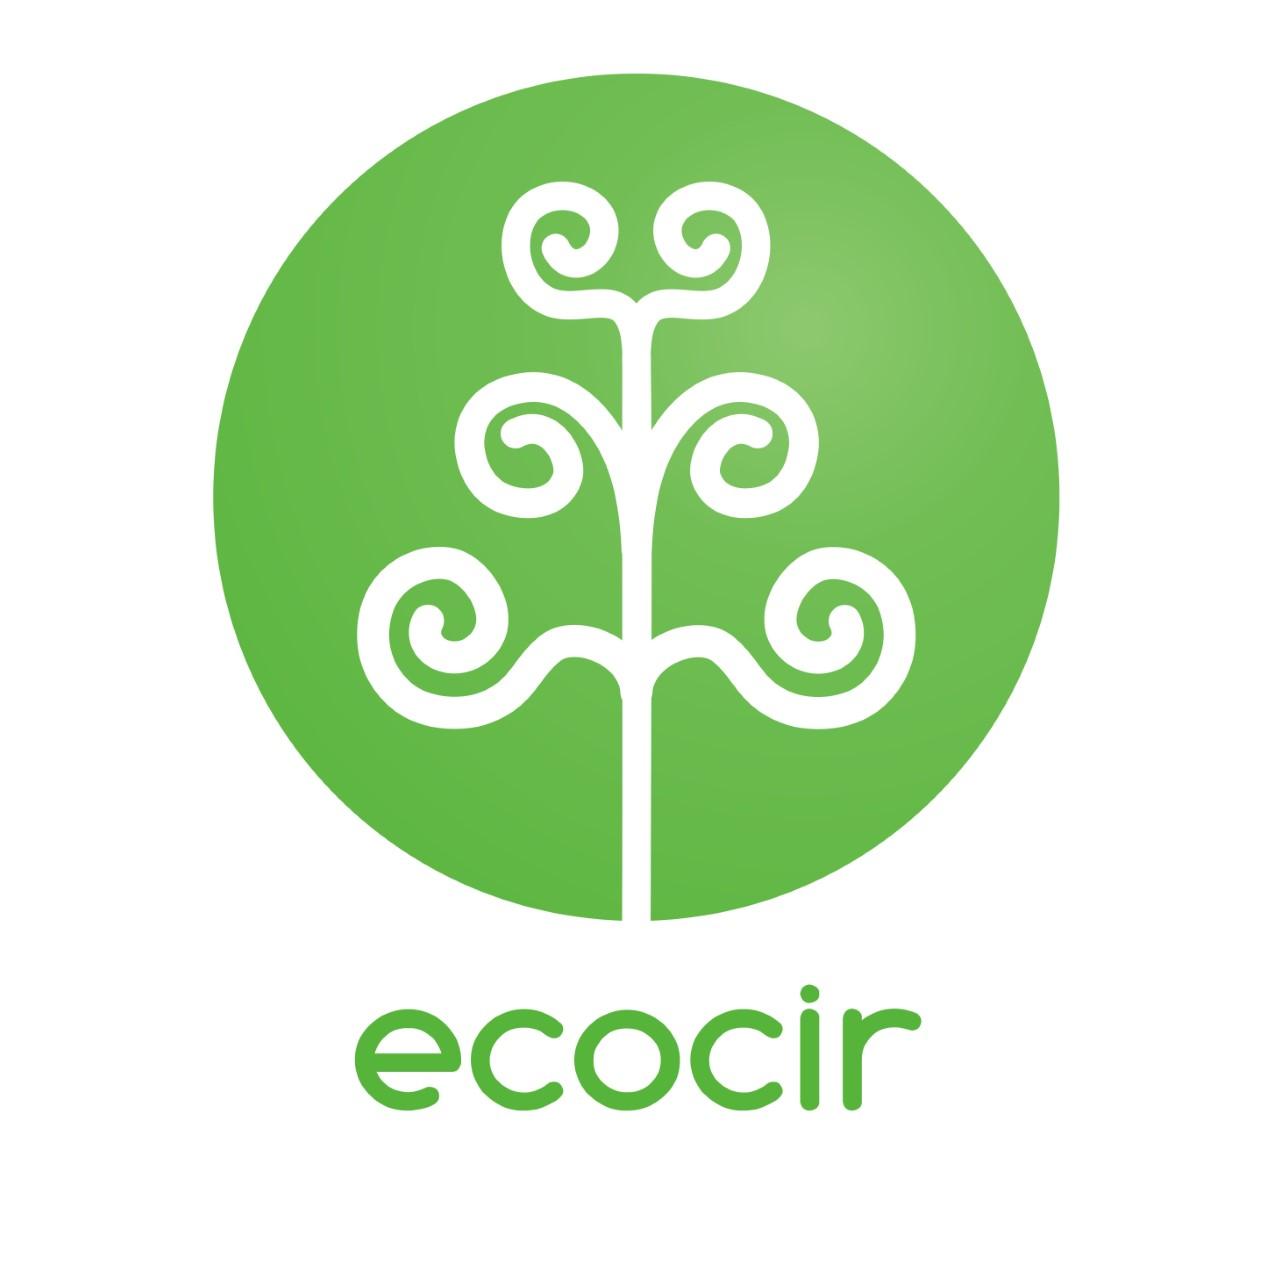 Ecocir